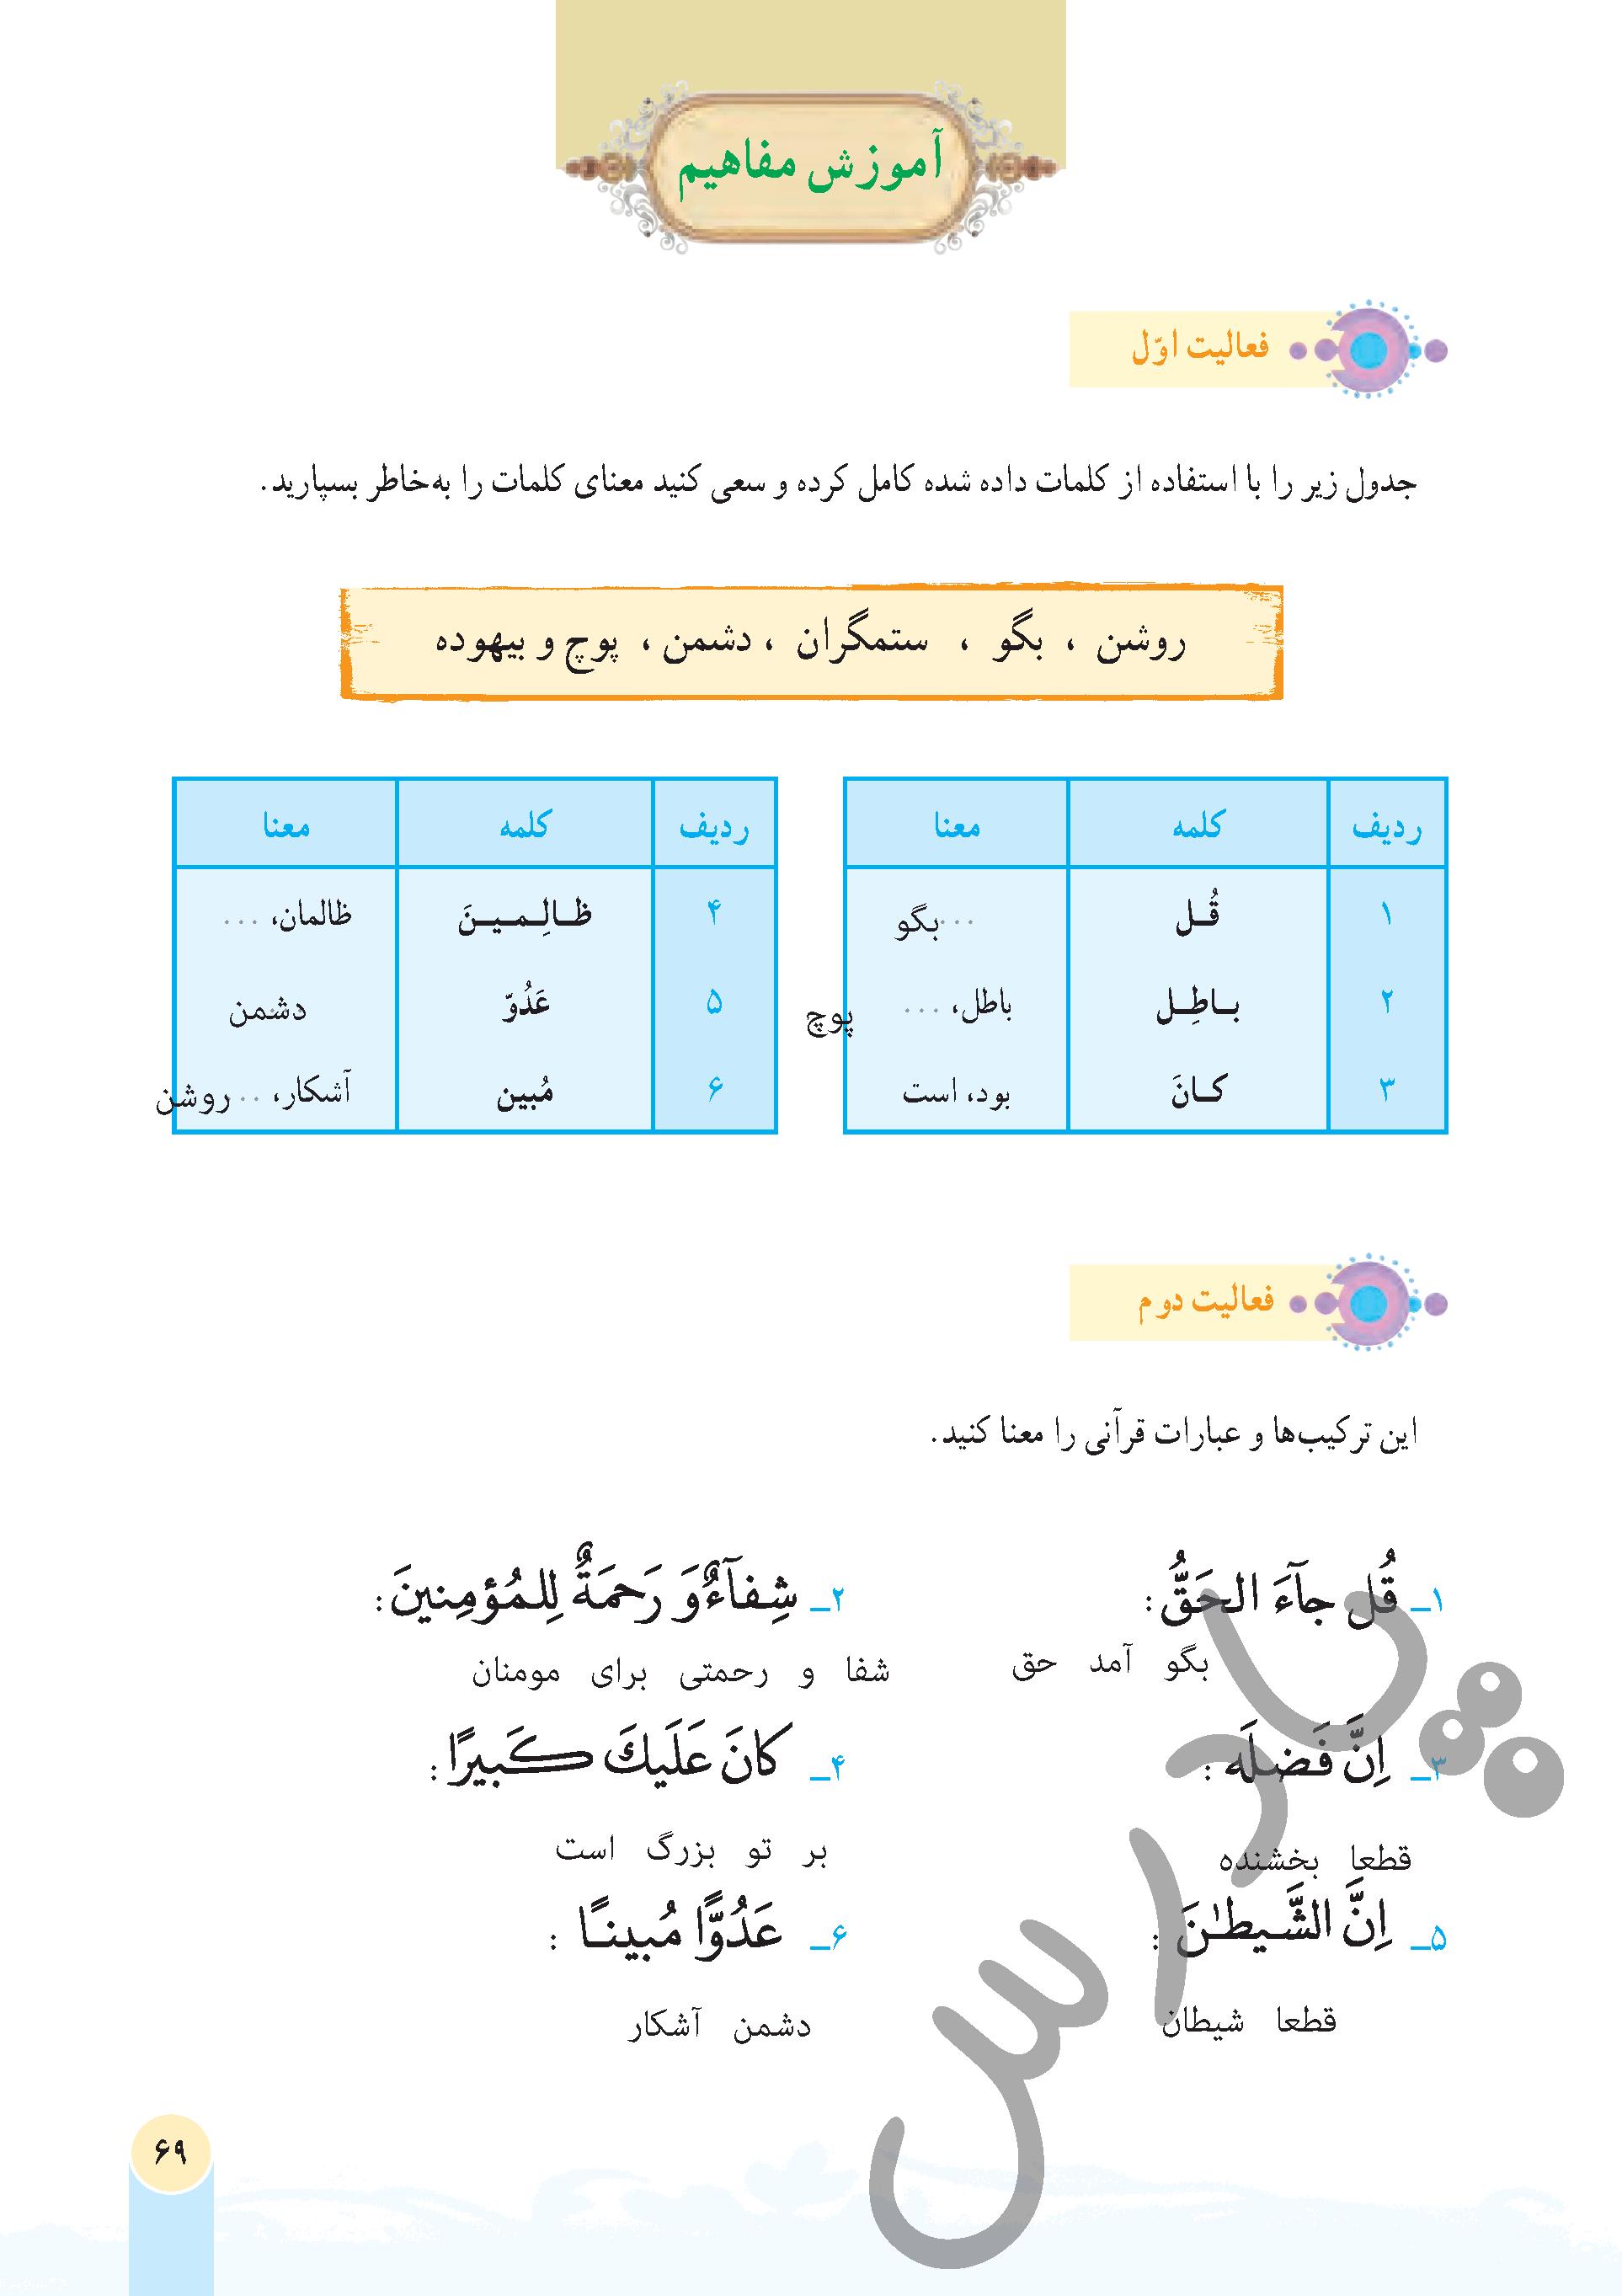 پاسخ فعالیت درس 7 قرآن هفتم - جلسه دوم